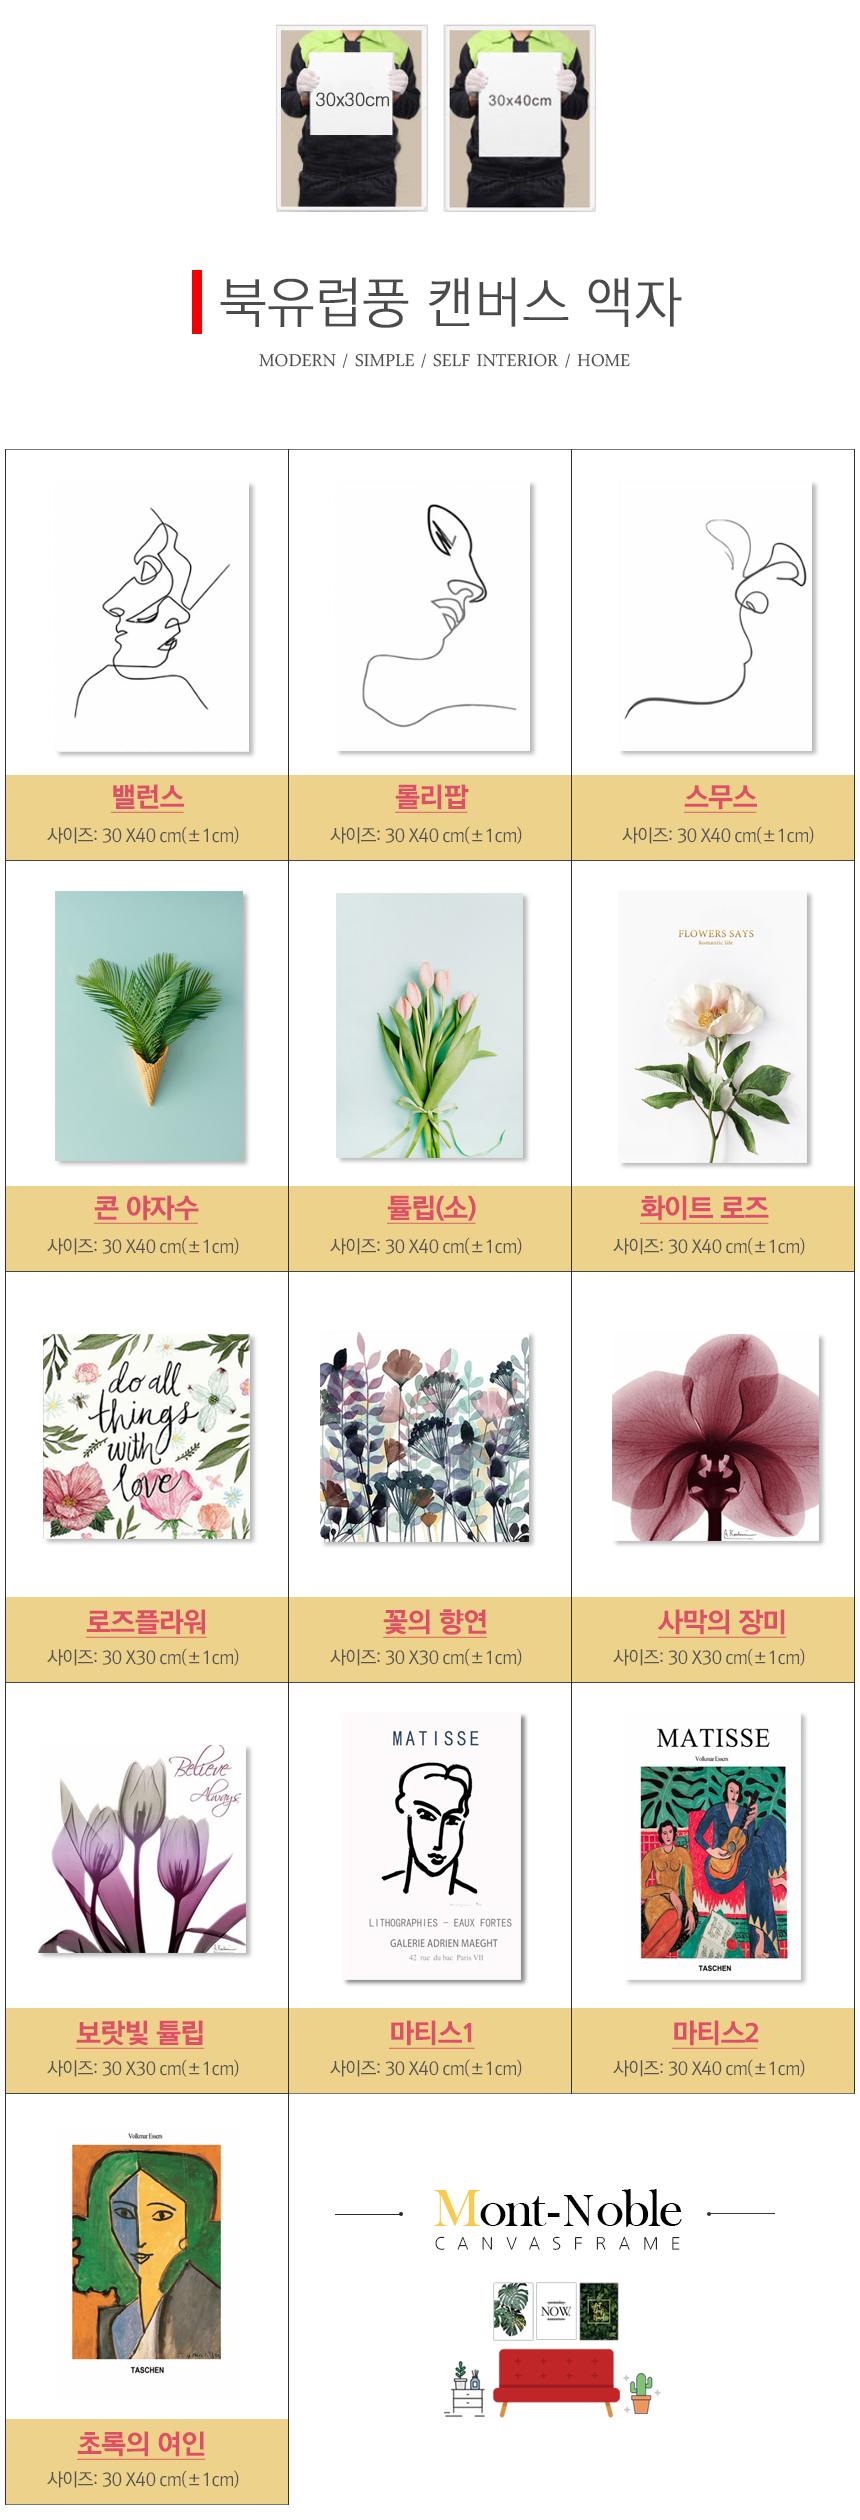 꽃의향연 북유럽 캔버스 그림 인테리어 거실 식물 액자 - 몽트노블, 11,280원, 액자, 벽걸이액자